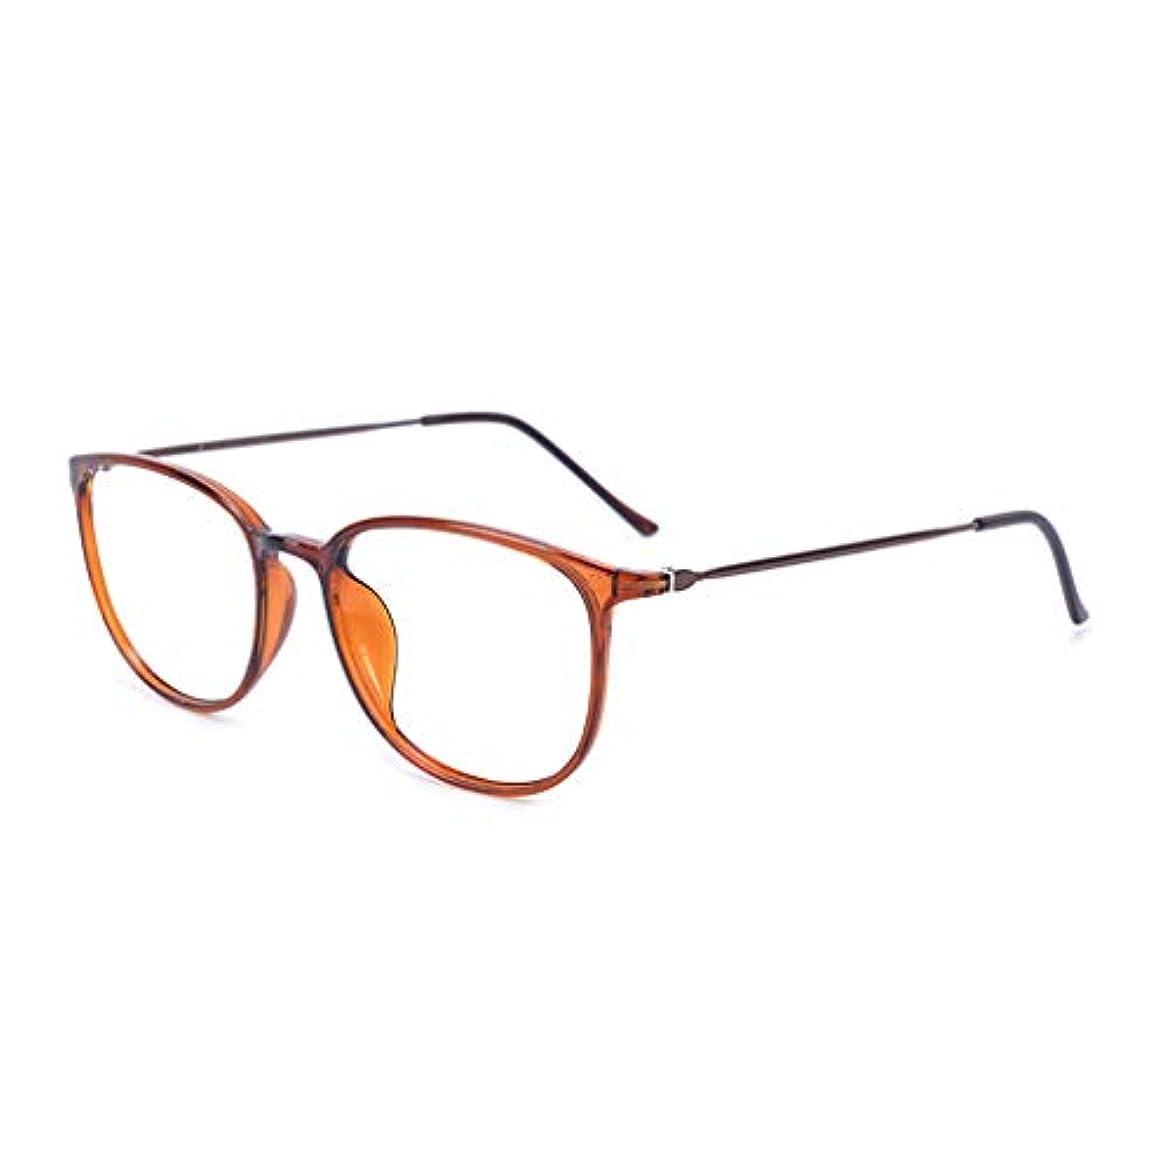 憎しみ亜熱帯ローラーLCSHAN エレガントなアンチブルー老眼鏡レディースファッション超軽量HD快適な抗疲労 (Color : Brown, Size : 150 degrees)